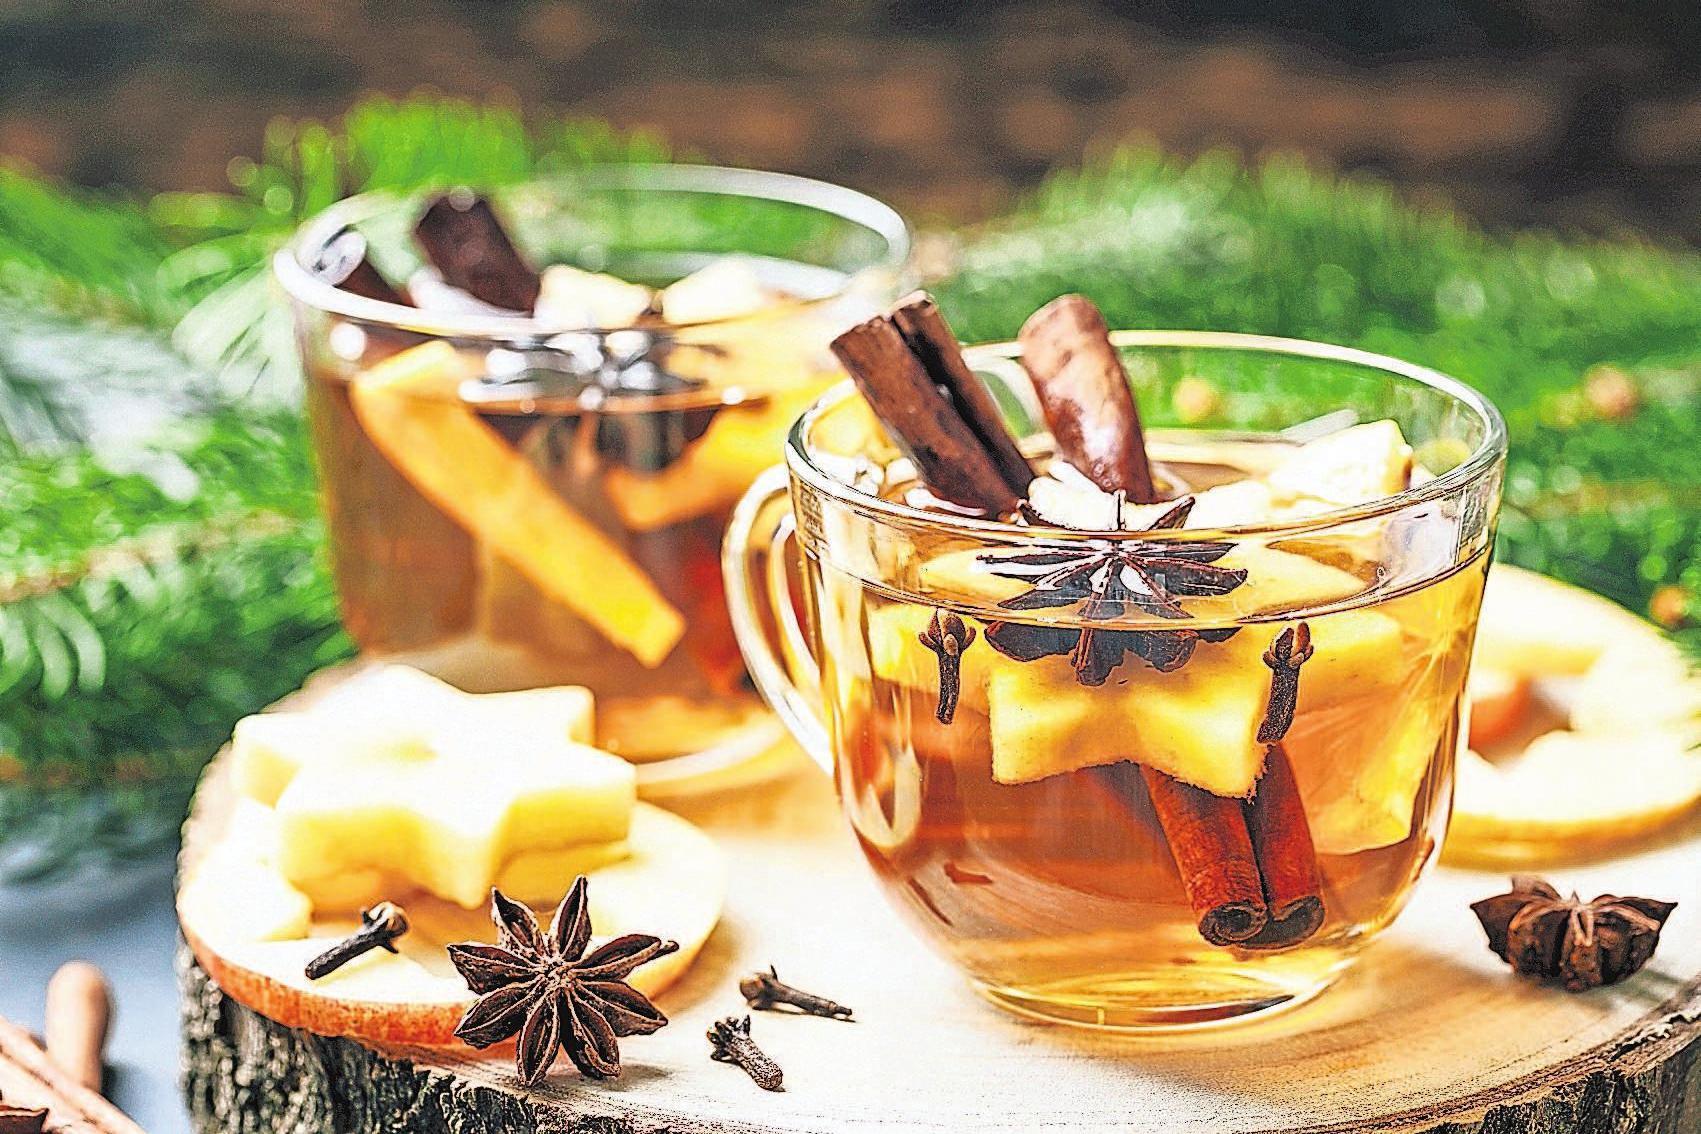 Wenn es kalt ist, heizt ein Glas Punsch richtig schön ein. Foto: Adobe Stock/ Sunny Forest